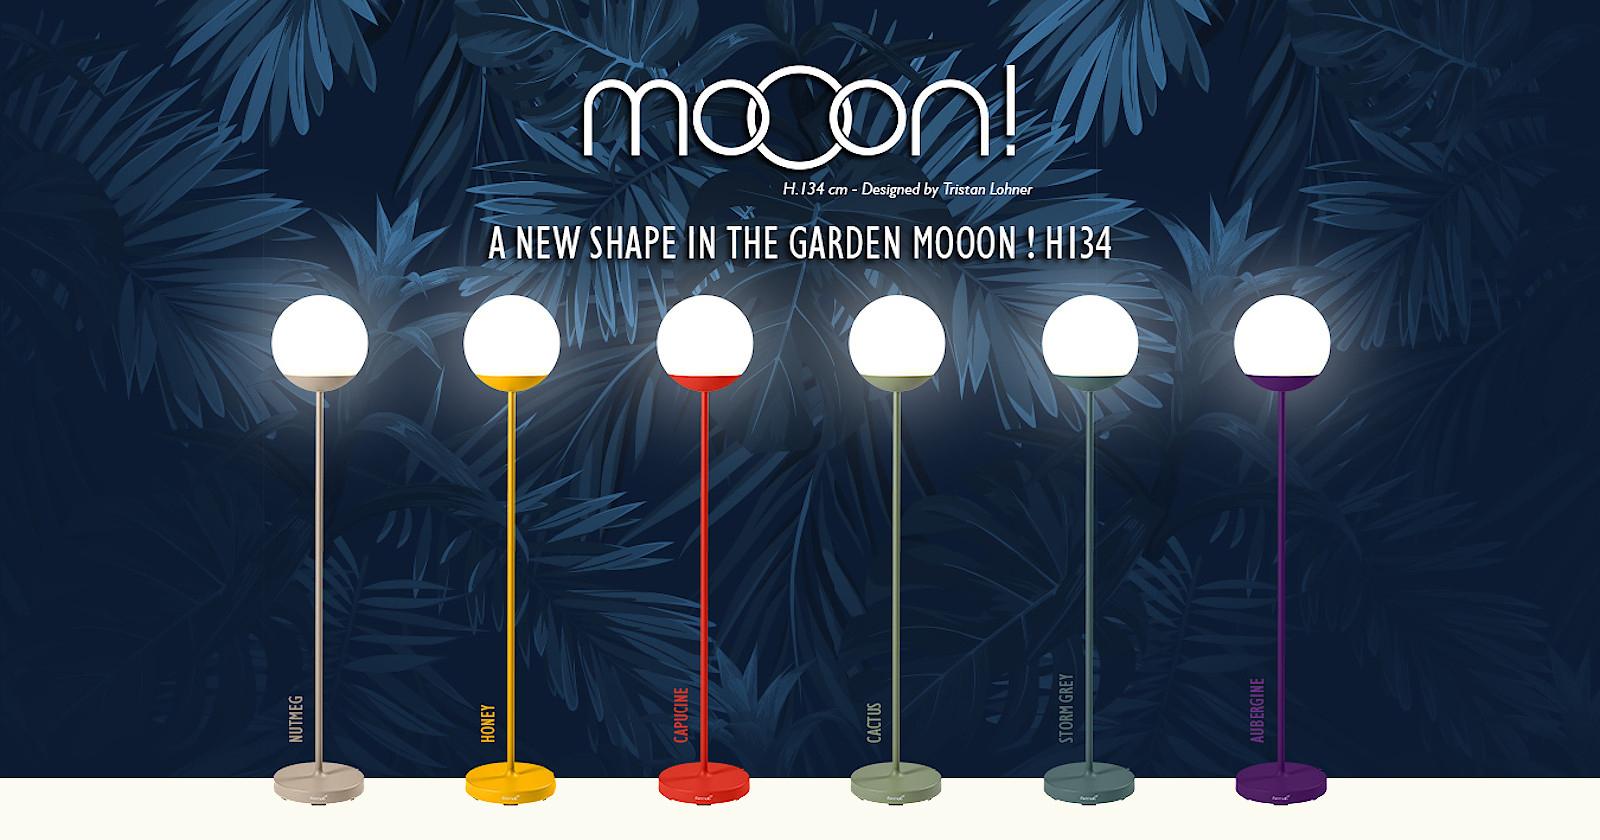 Колекція вуличних підлогових світильників Mooon! h134 з вбудованим bluetooth від Fermob